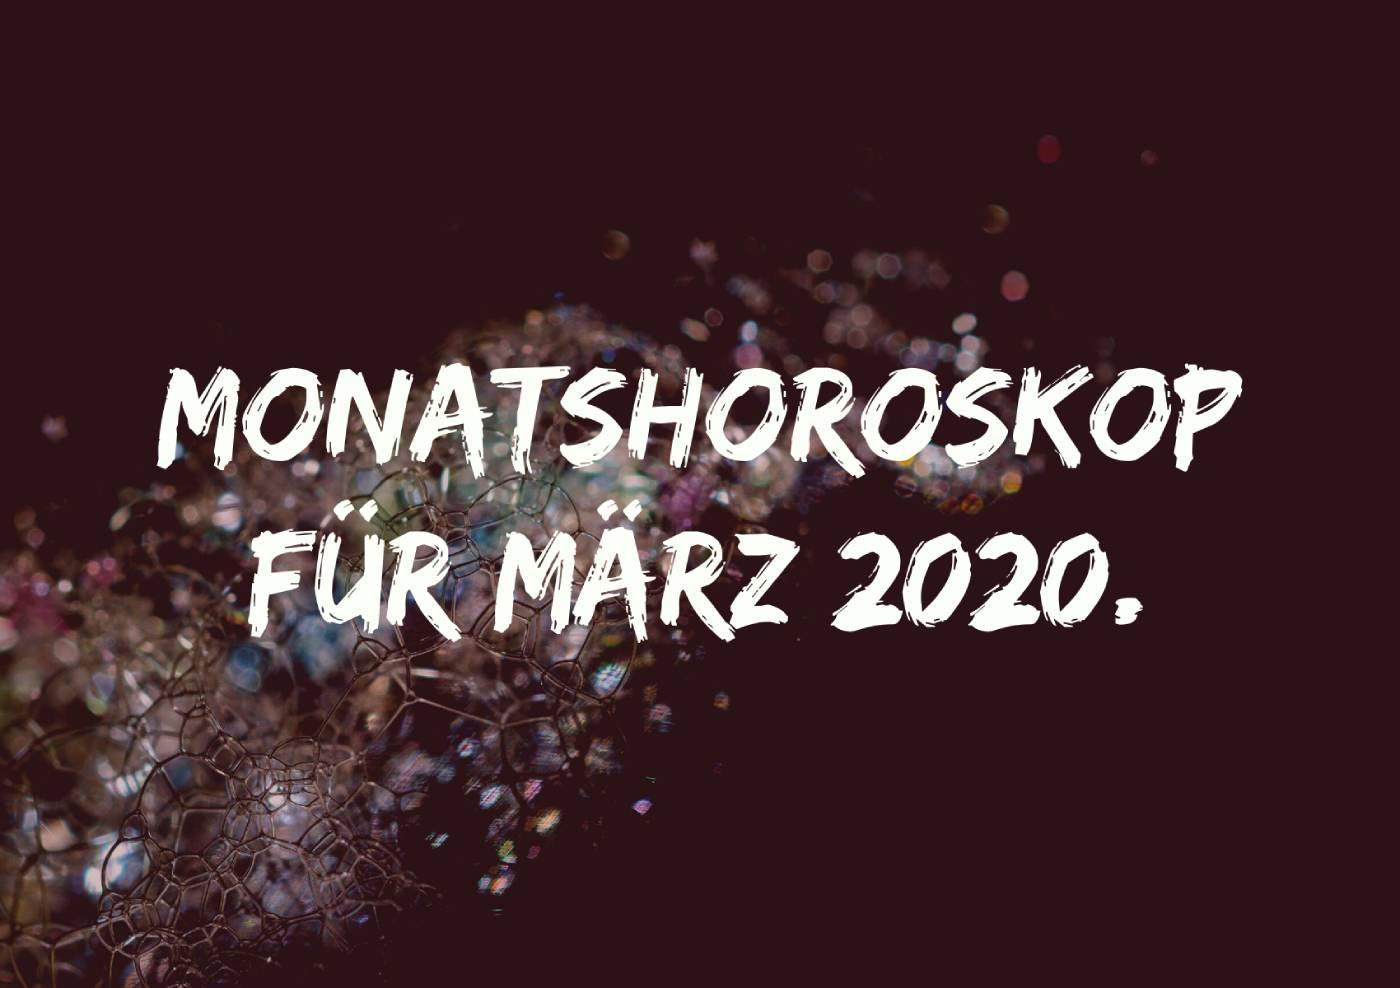 Monatshoroskop für März 2020.